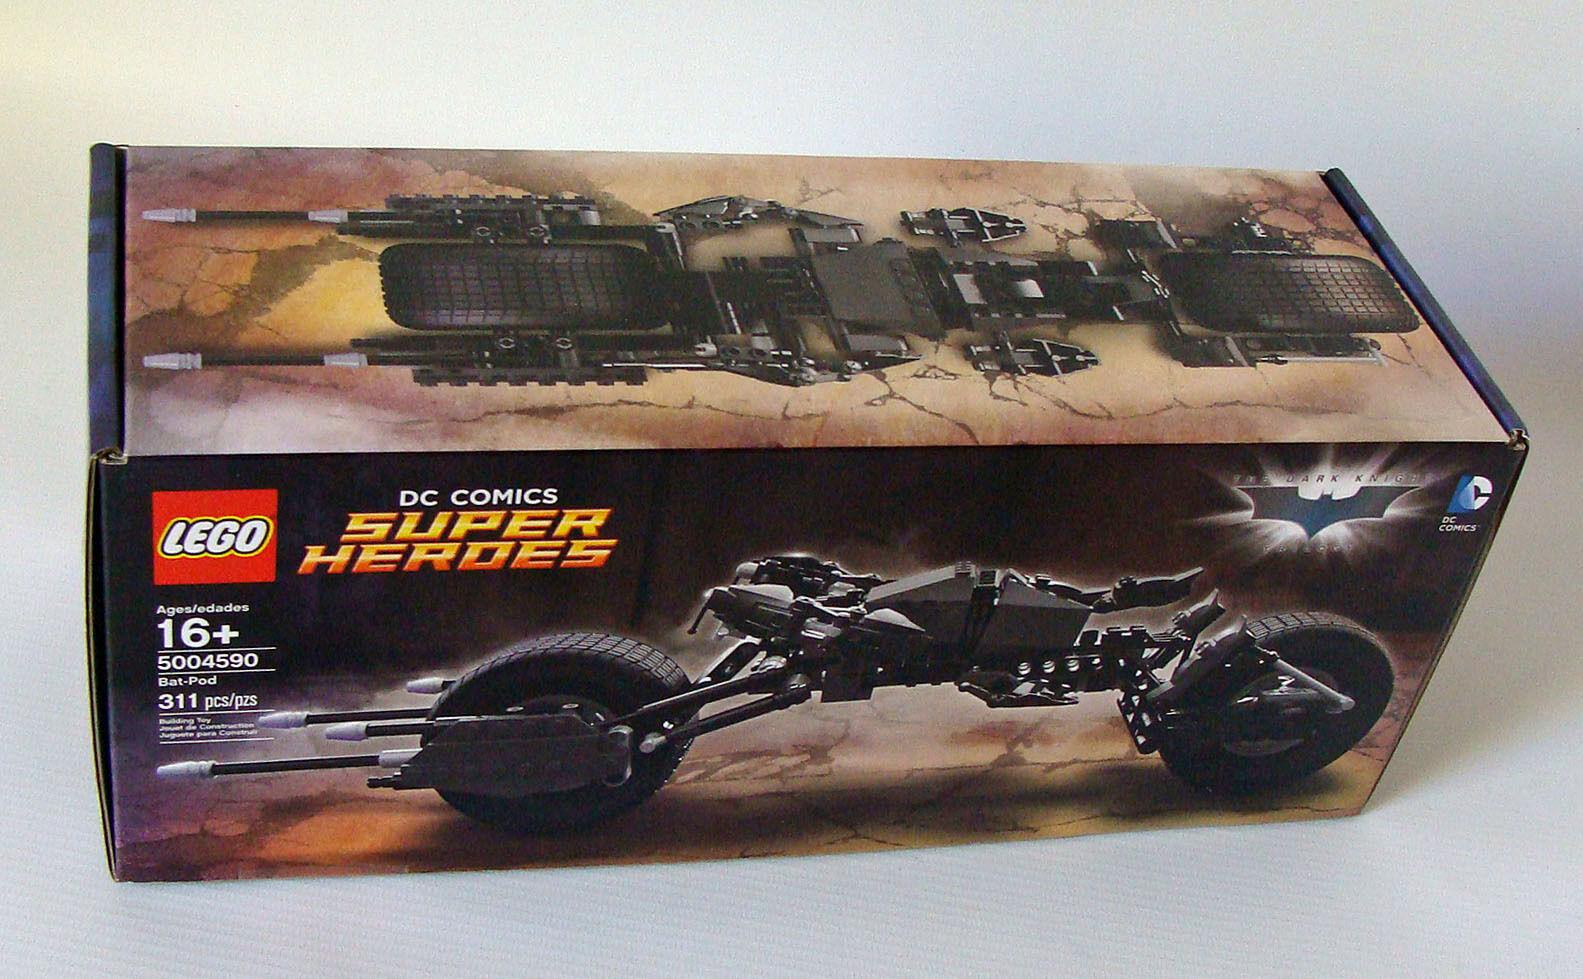 LEGO ® SUPER HEROES 5004590-BAT-POD 311 parti 16-NUOVO